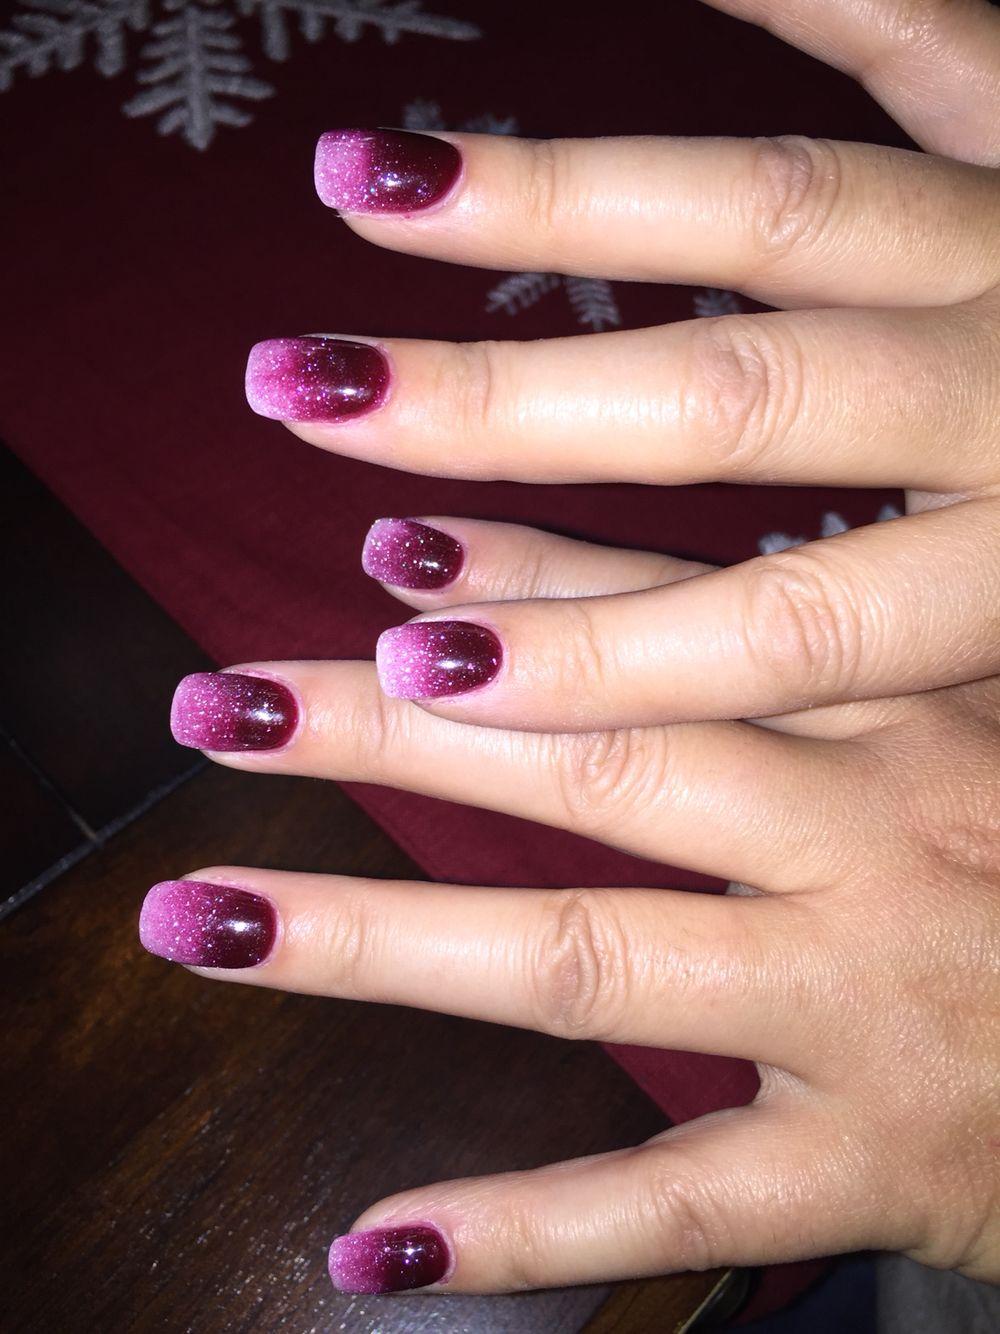 More 3 Color Next Gen Hombre Nails Posh Toe Nail Art